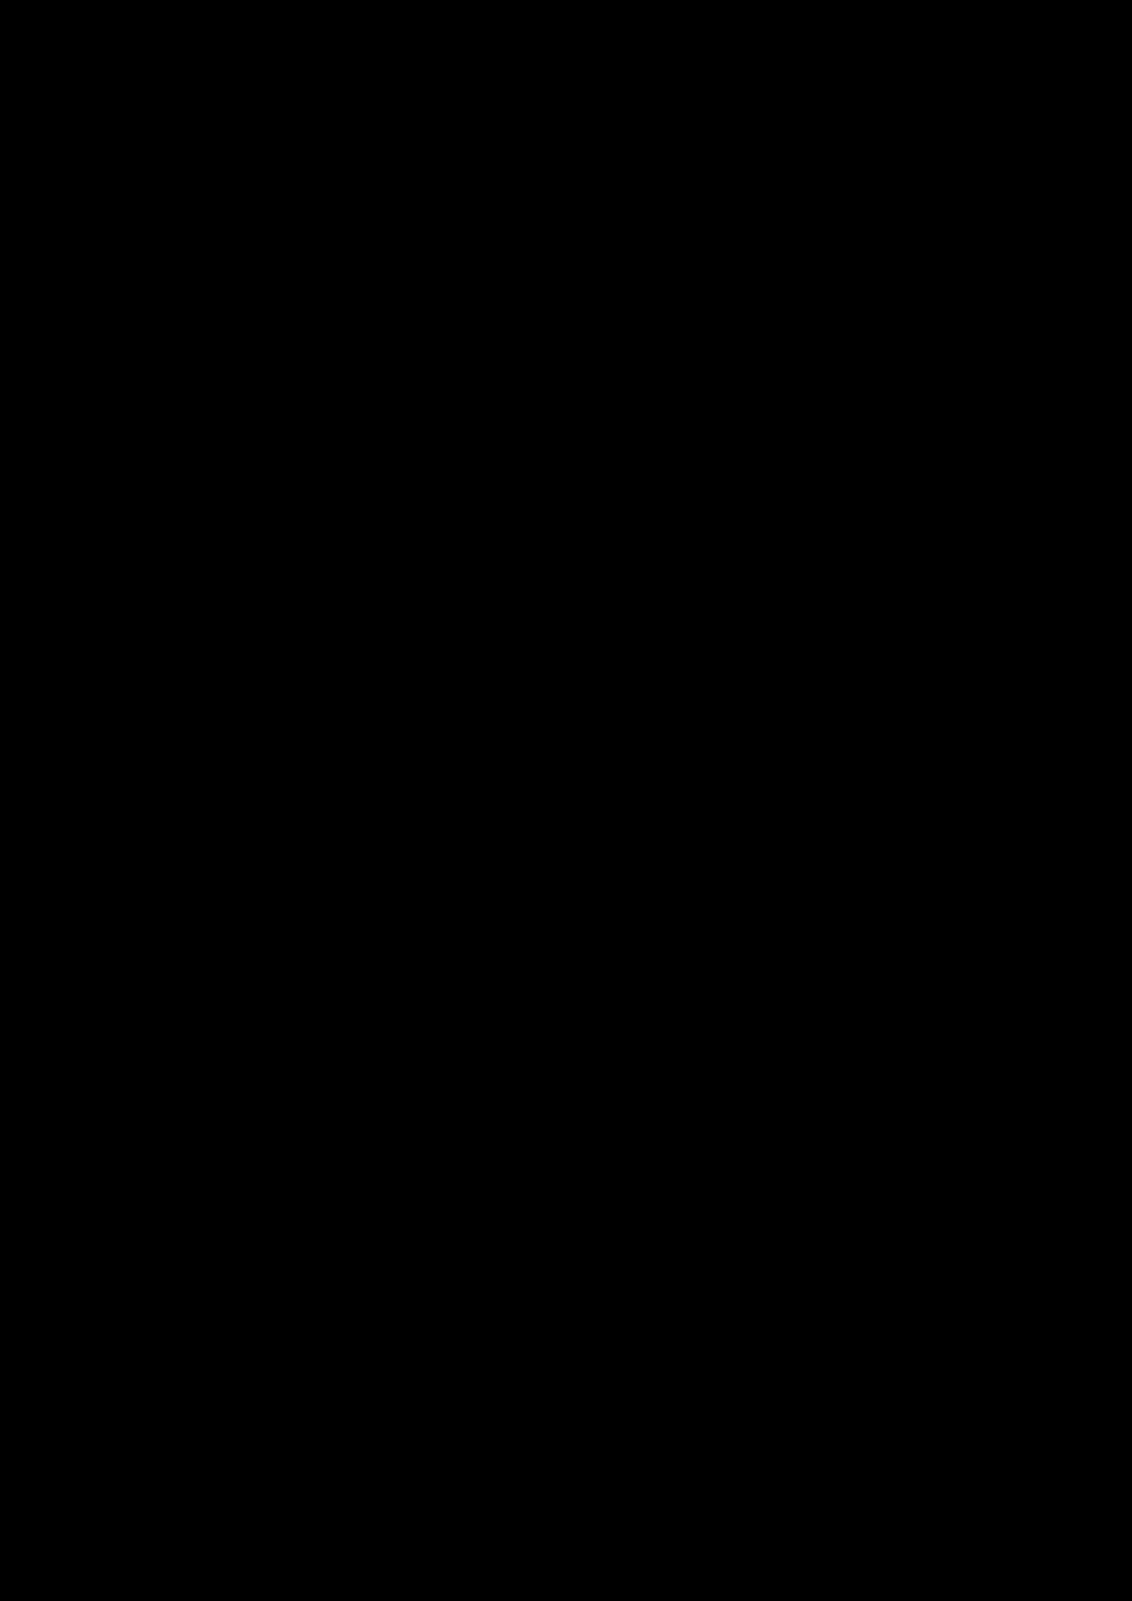 Vyibor Est slide, Image 3